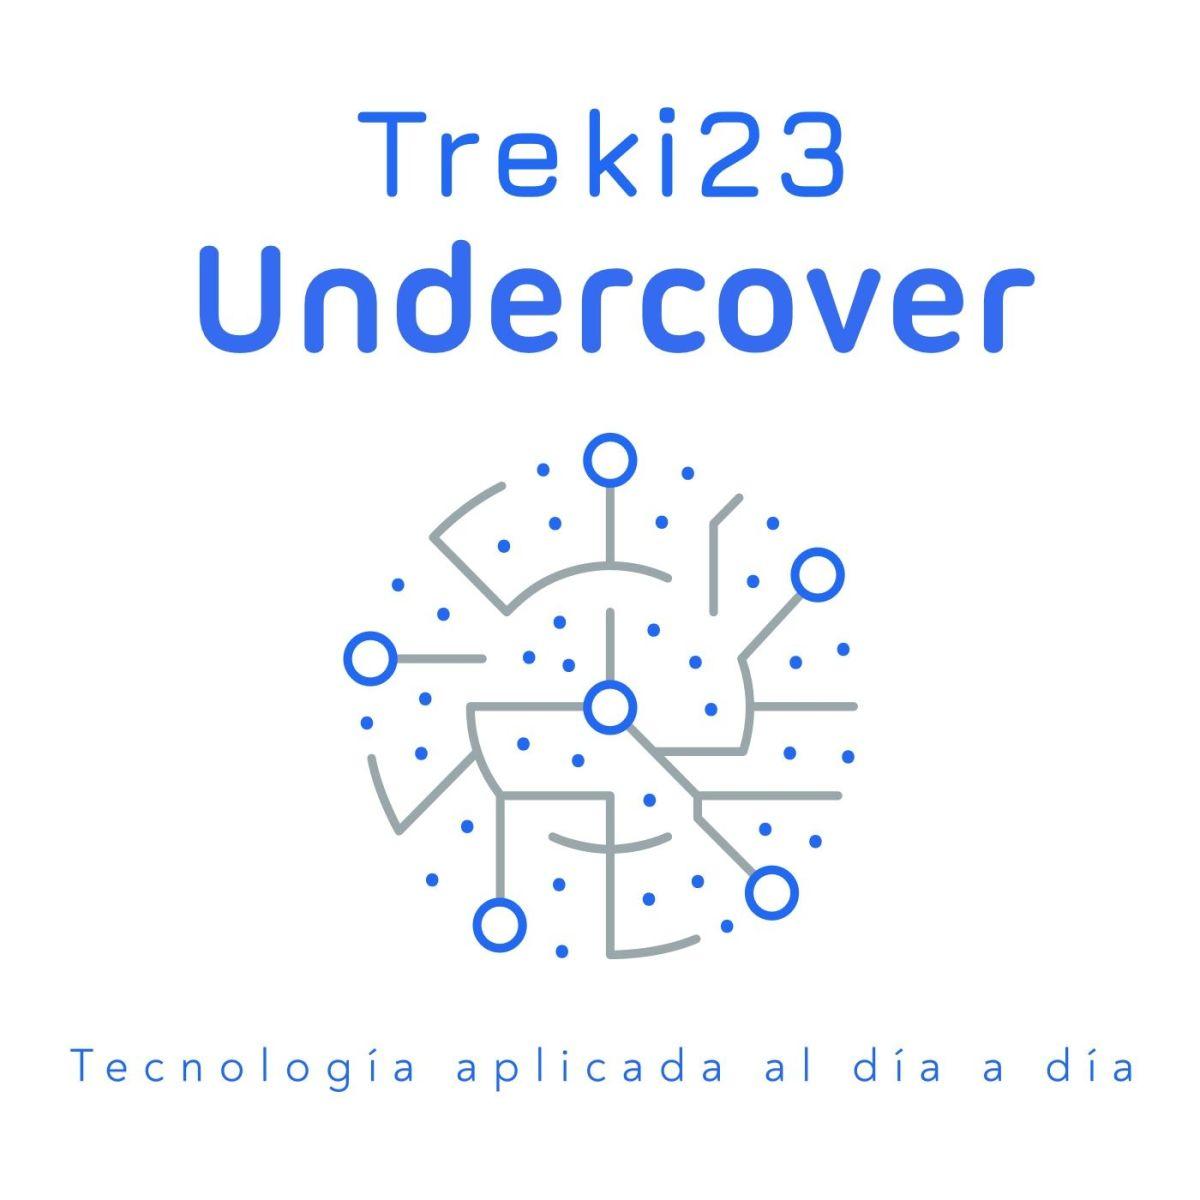 Treki23 Undercover 492 -futuro de Carplay y NFC de Apple en UE, Siri en dispositivos de terceros